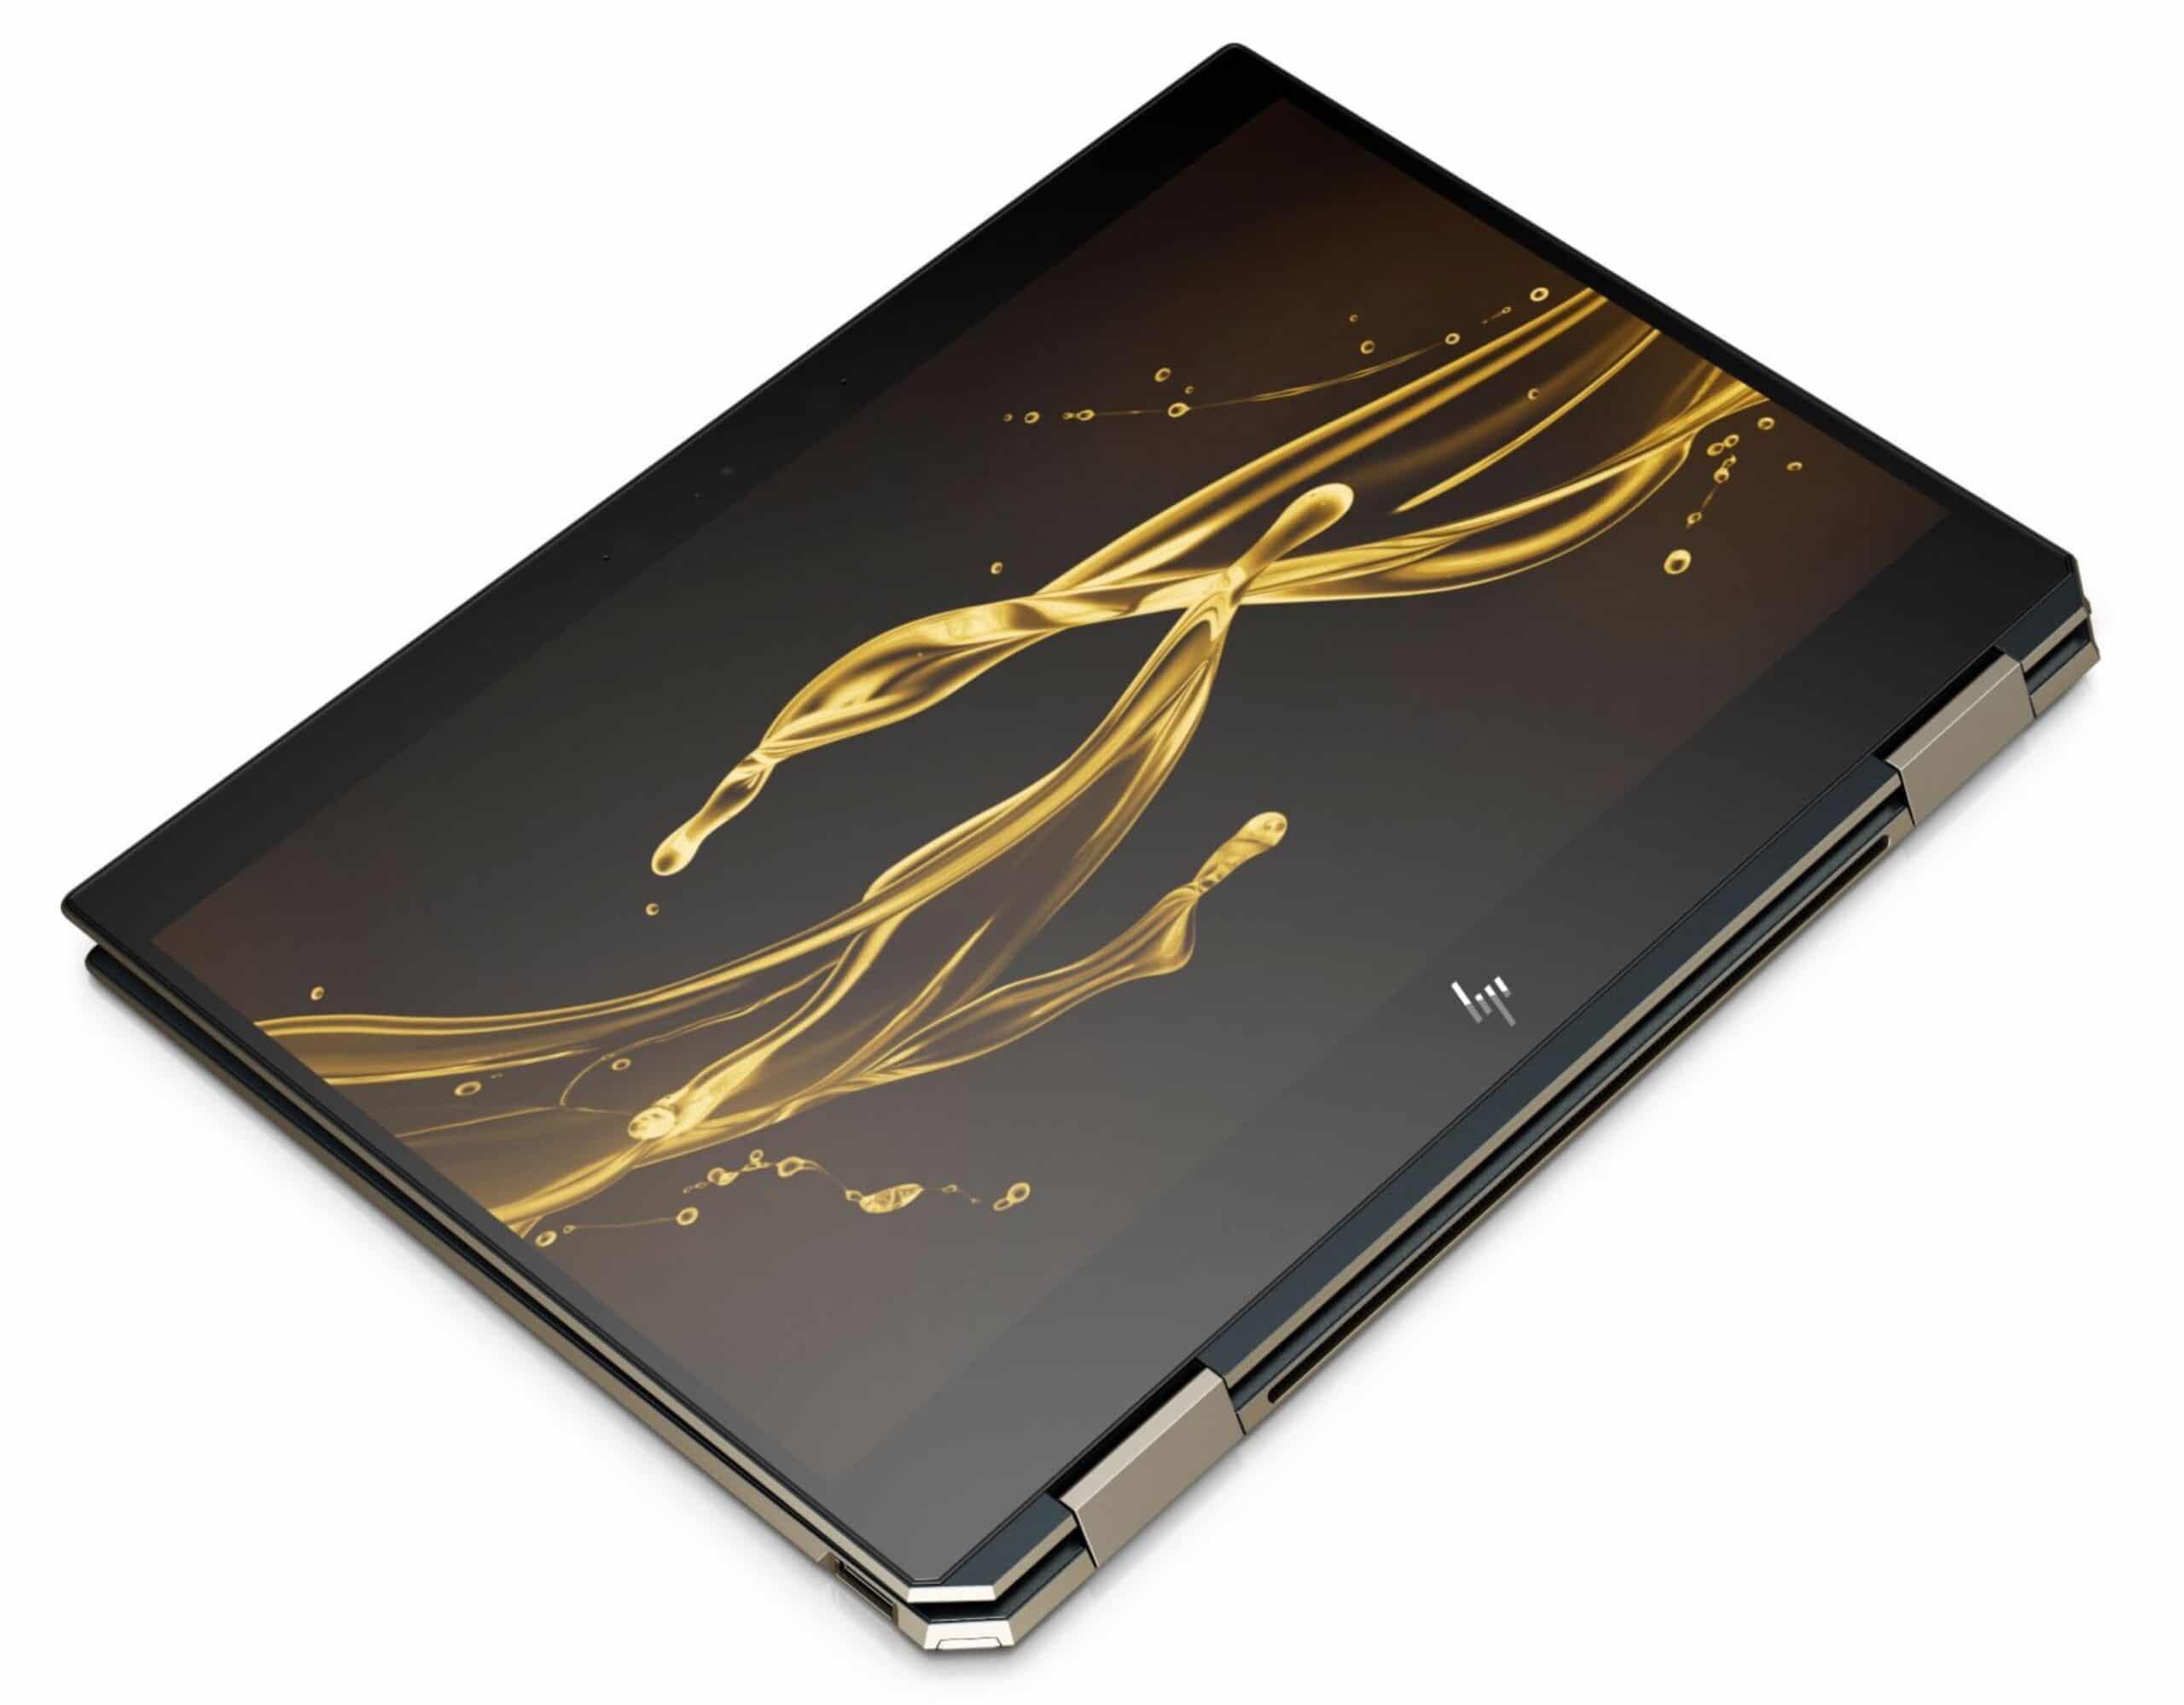 HP Spectre x360 13-ap0011nf, 13 pouces tactile TB3 (999€)